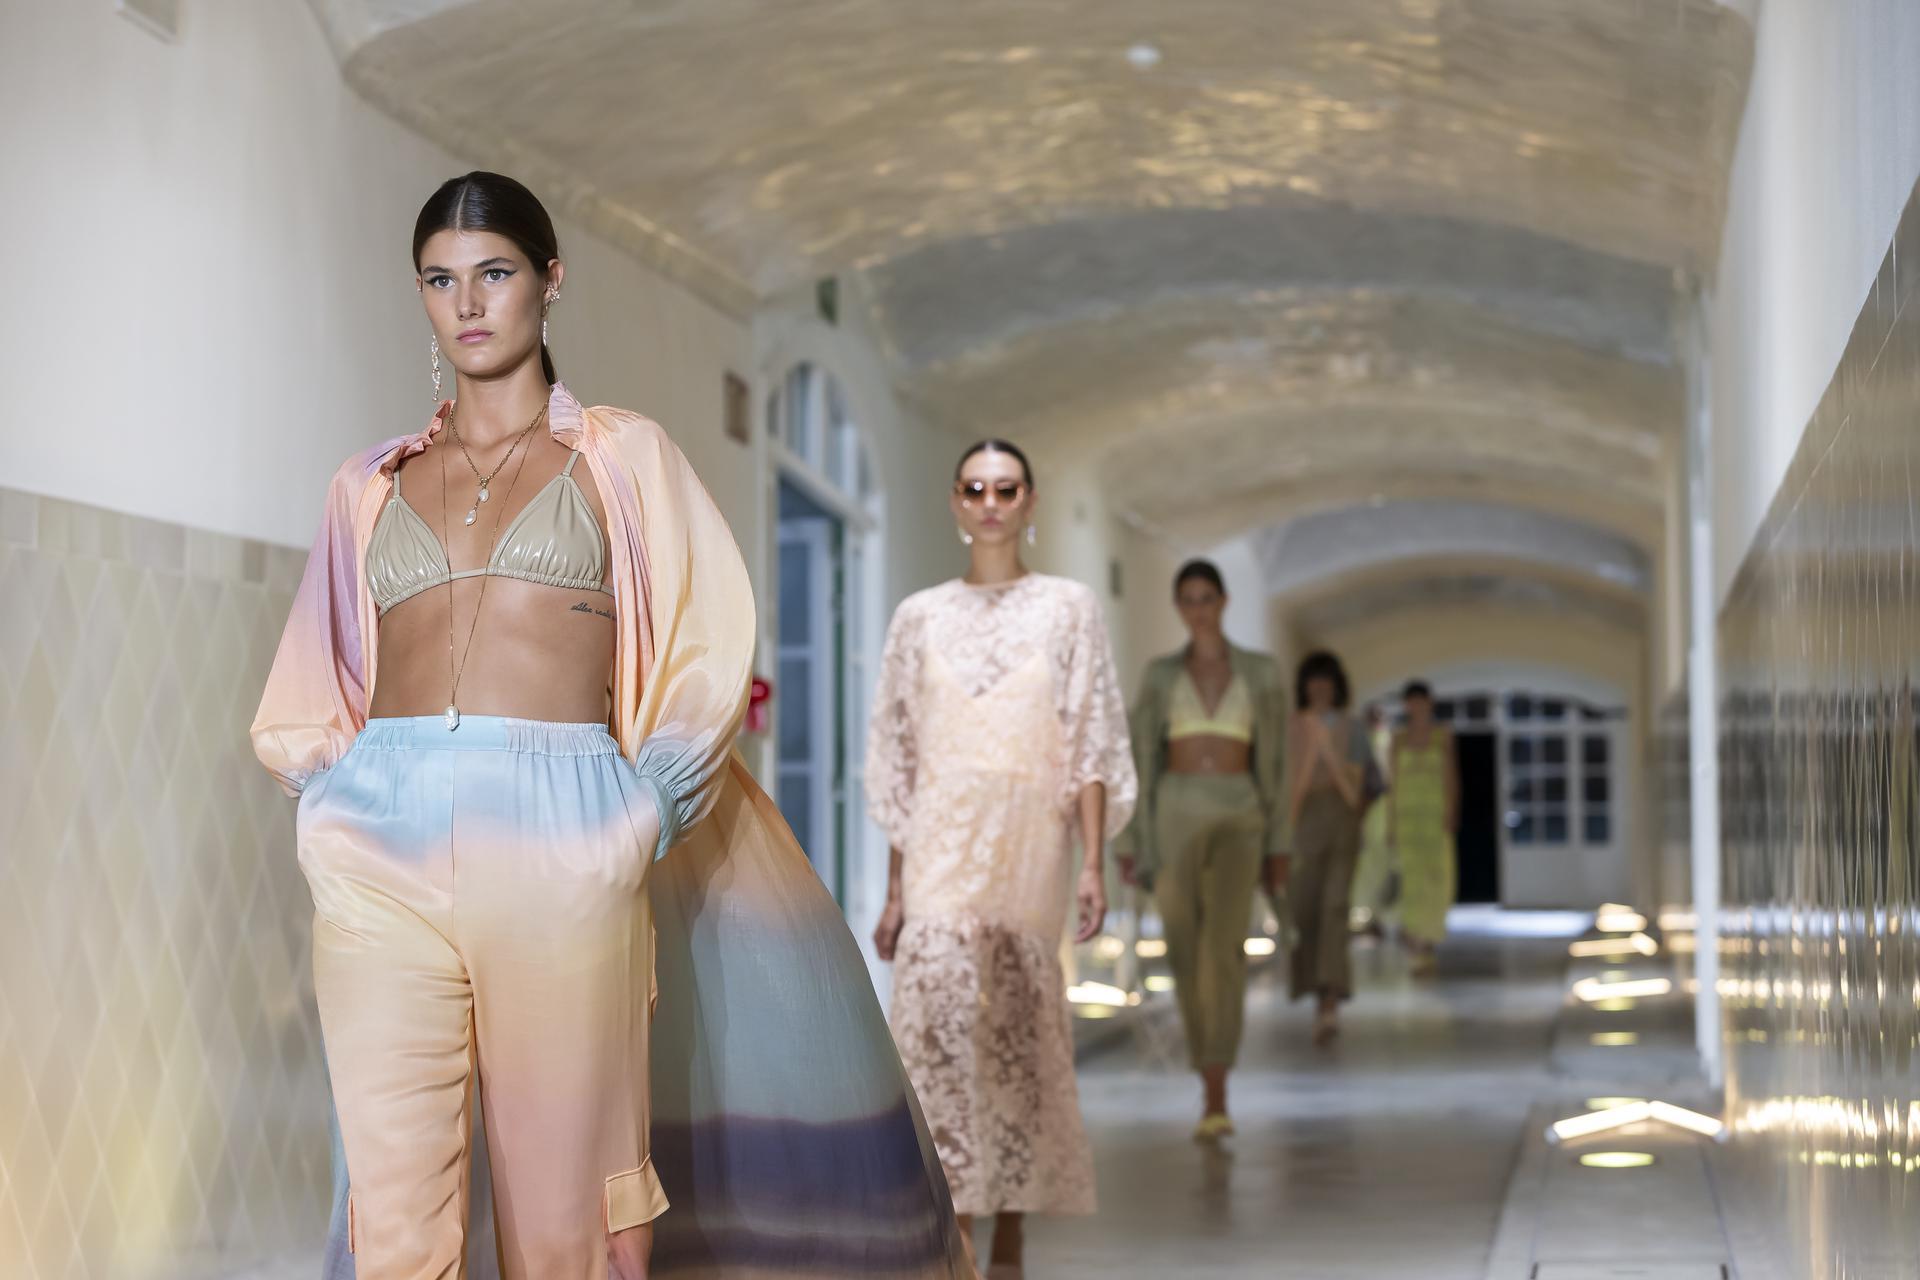 Eik%C3%B2%20Ai%20ambient 1128 - 080 Barcelona Fashion Digital Edition concluye con su cuarta sesión de los últimos Fashion Show Films